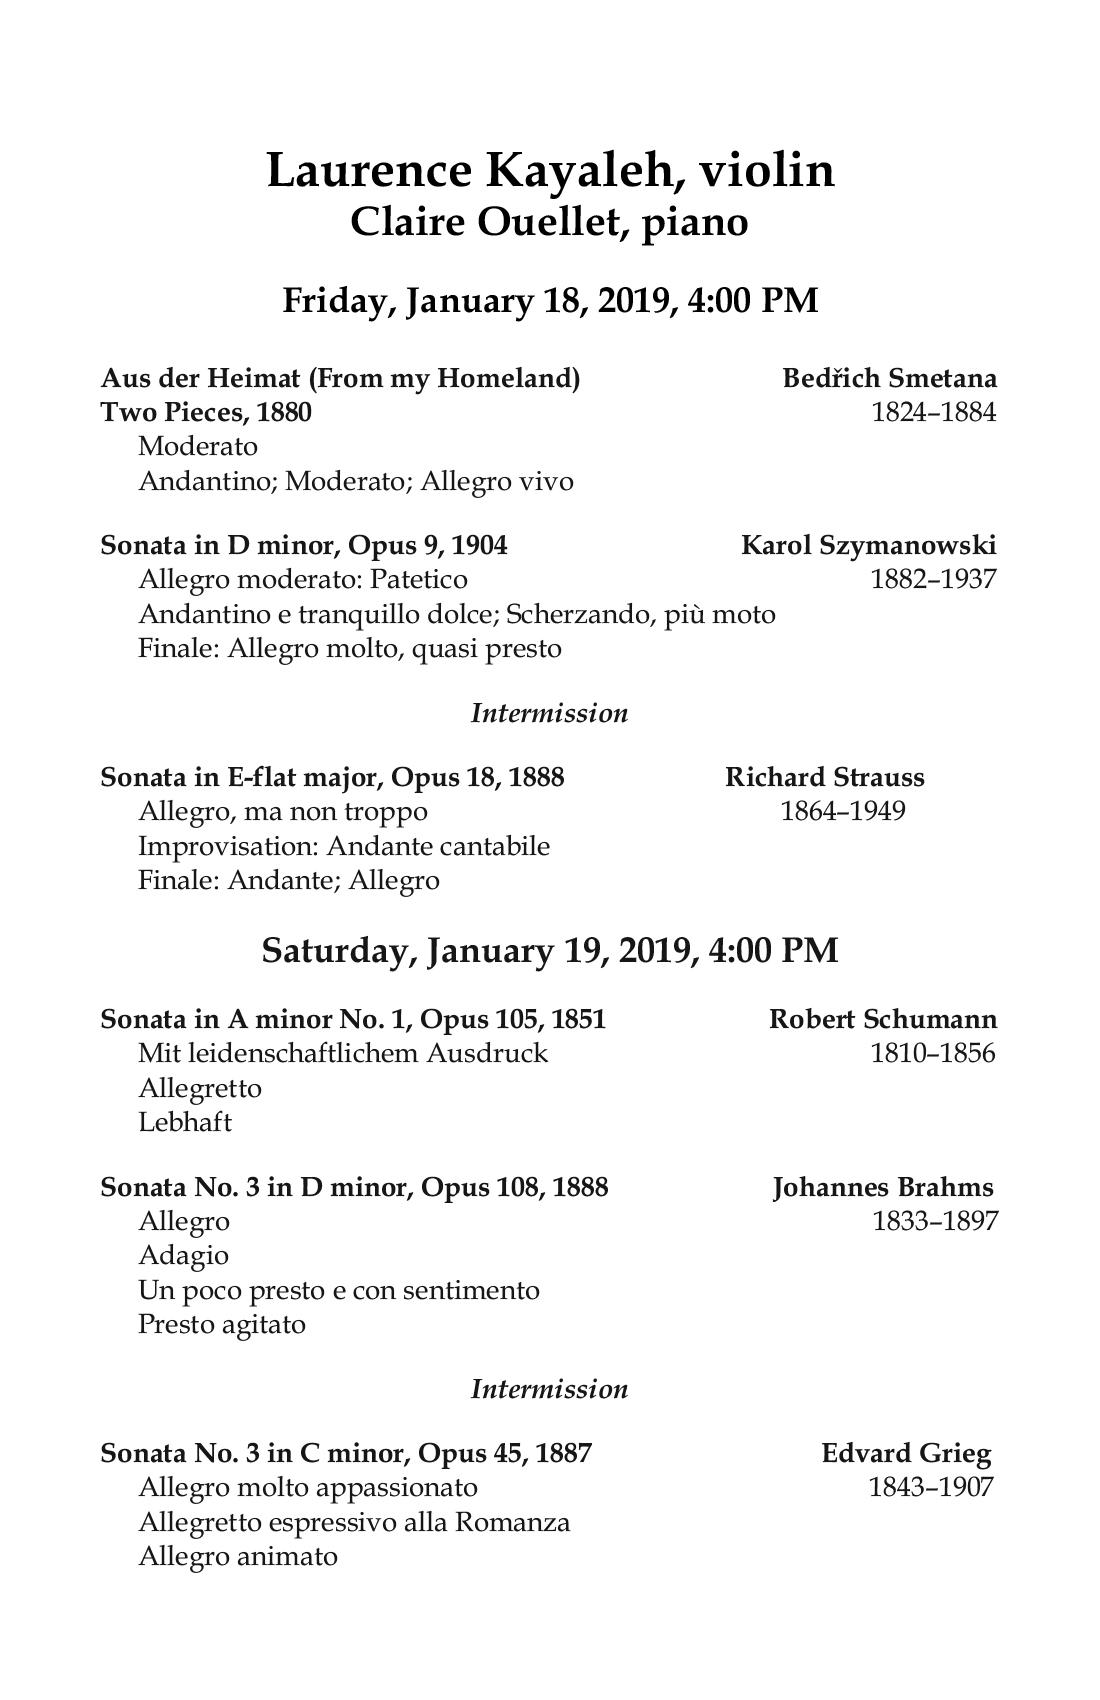 Promusica - program pages 2018-19-6.jpg